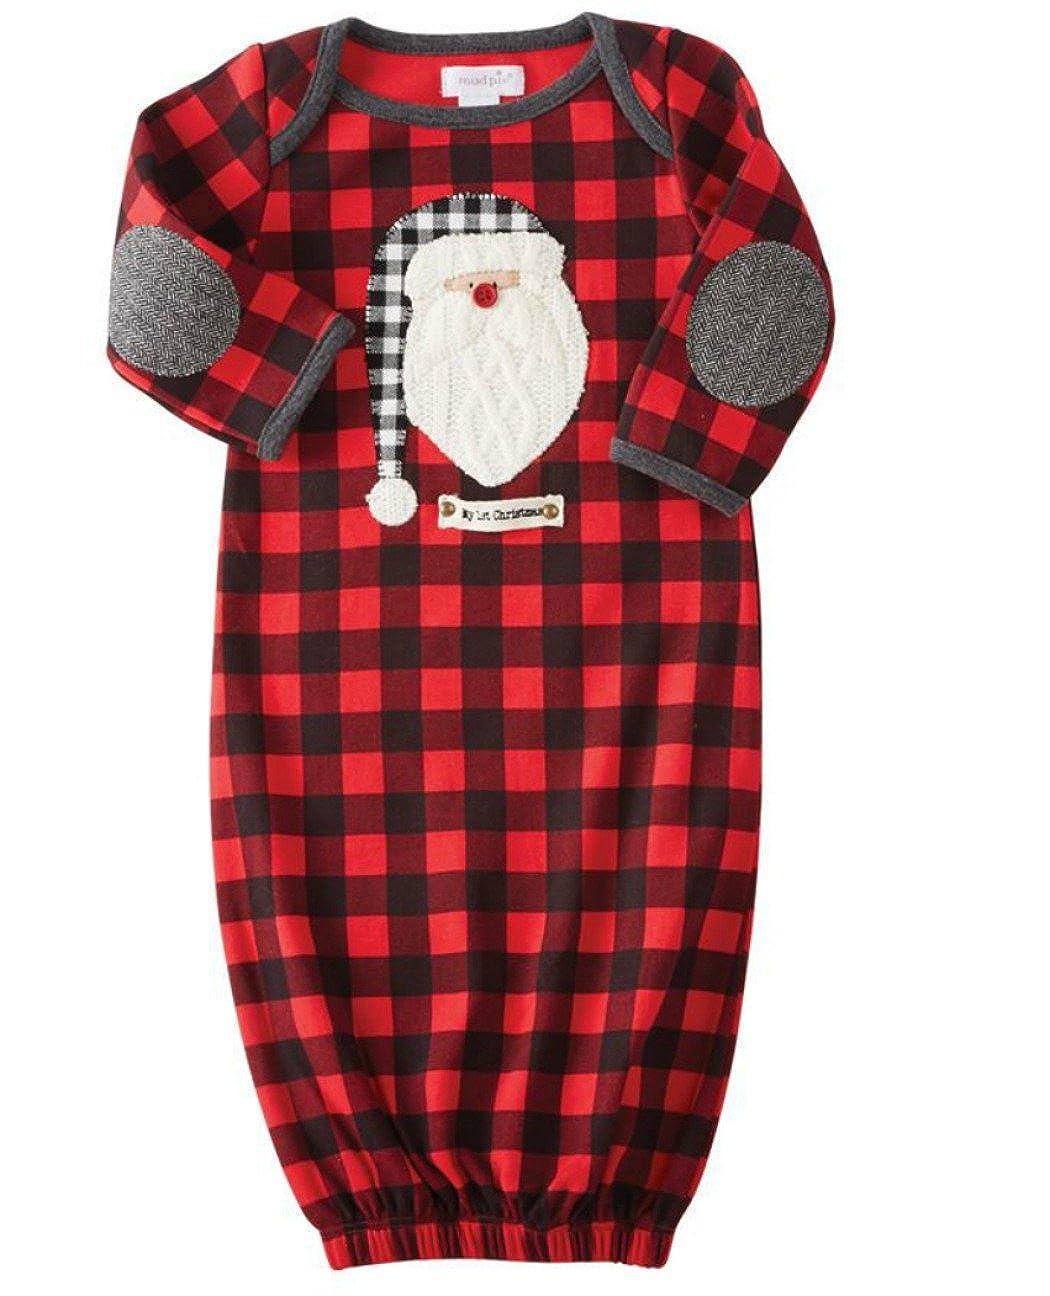 新品同様 MP Socks Socks 3 & Tights 6 SLEEPWEAR ユニセックスベビー 3 - 6 Months B073FPMJ29, オフィスマーケット:8c7ebc24 --- a0267596.xsph.ru